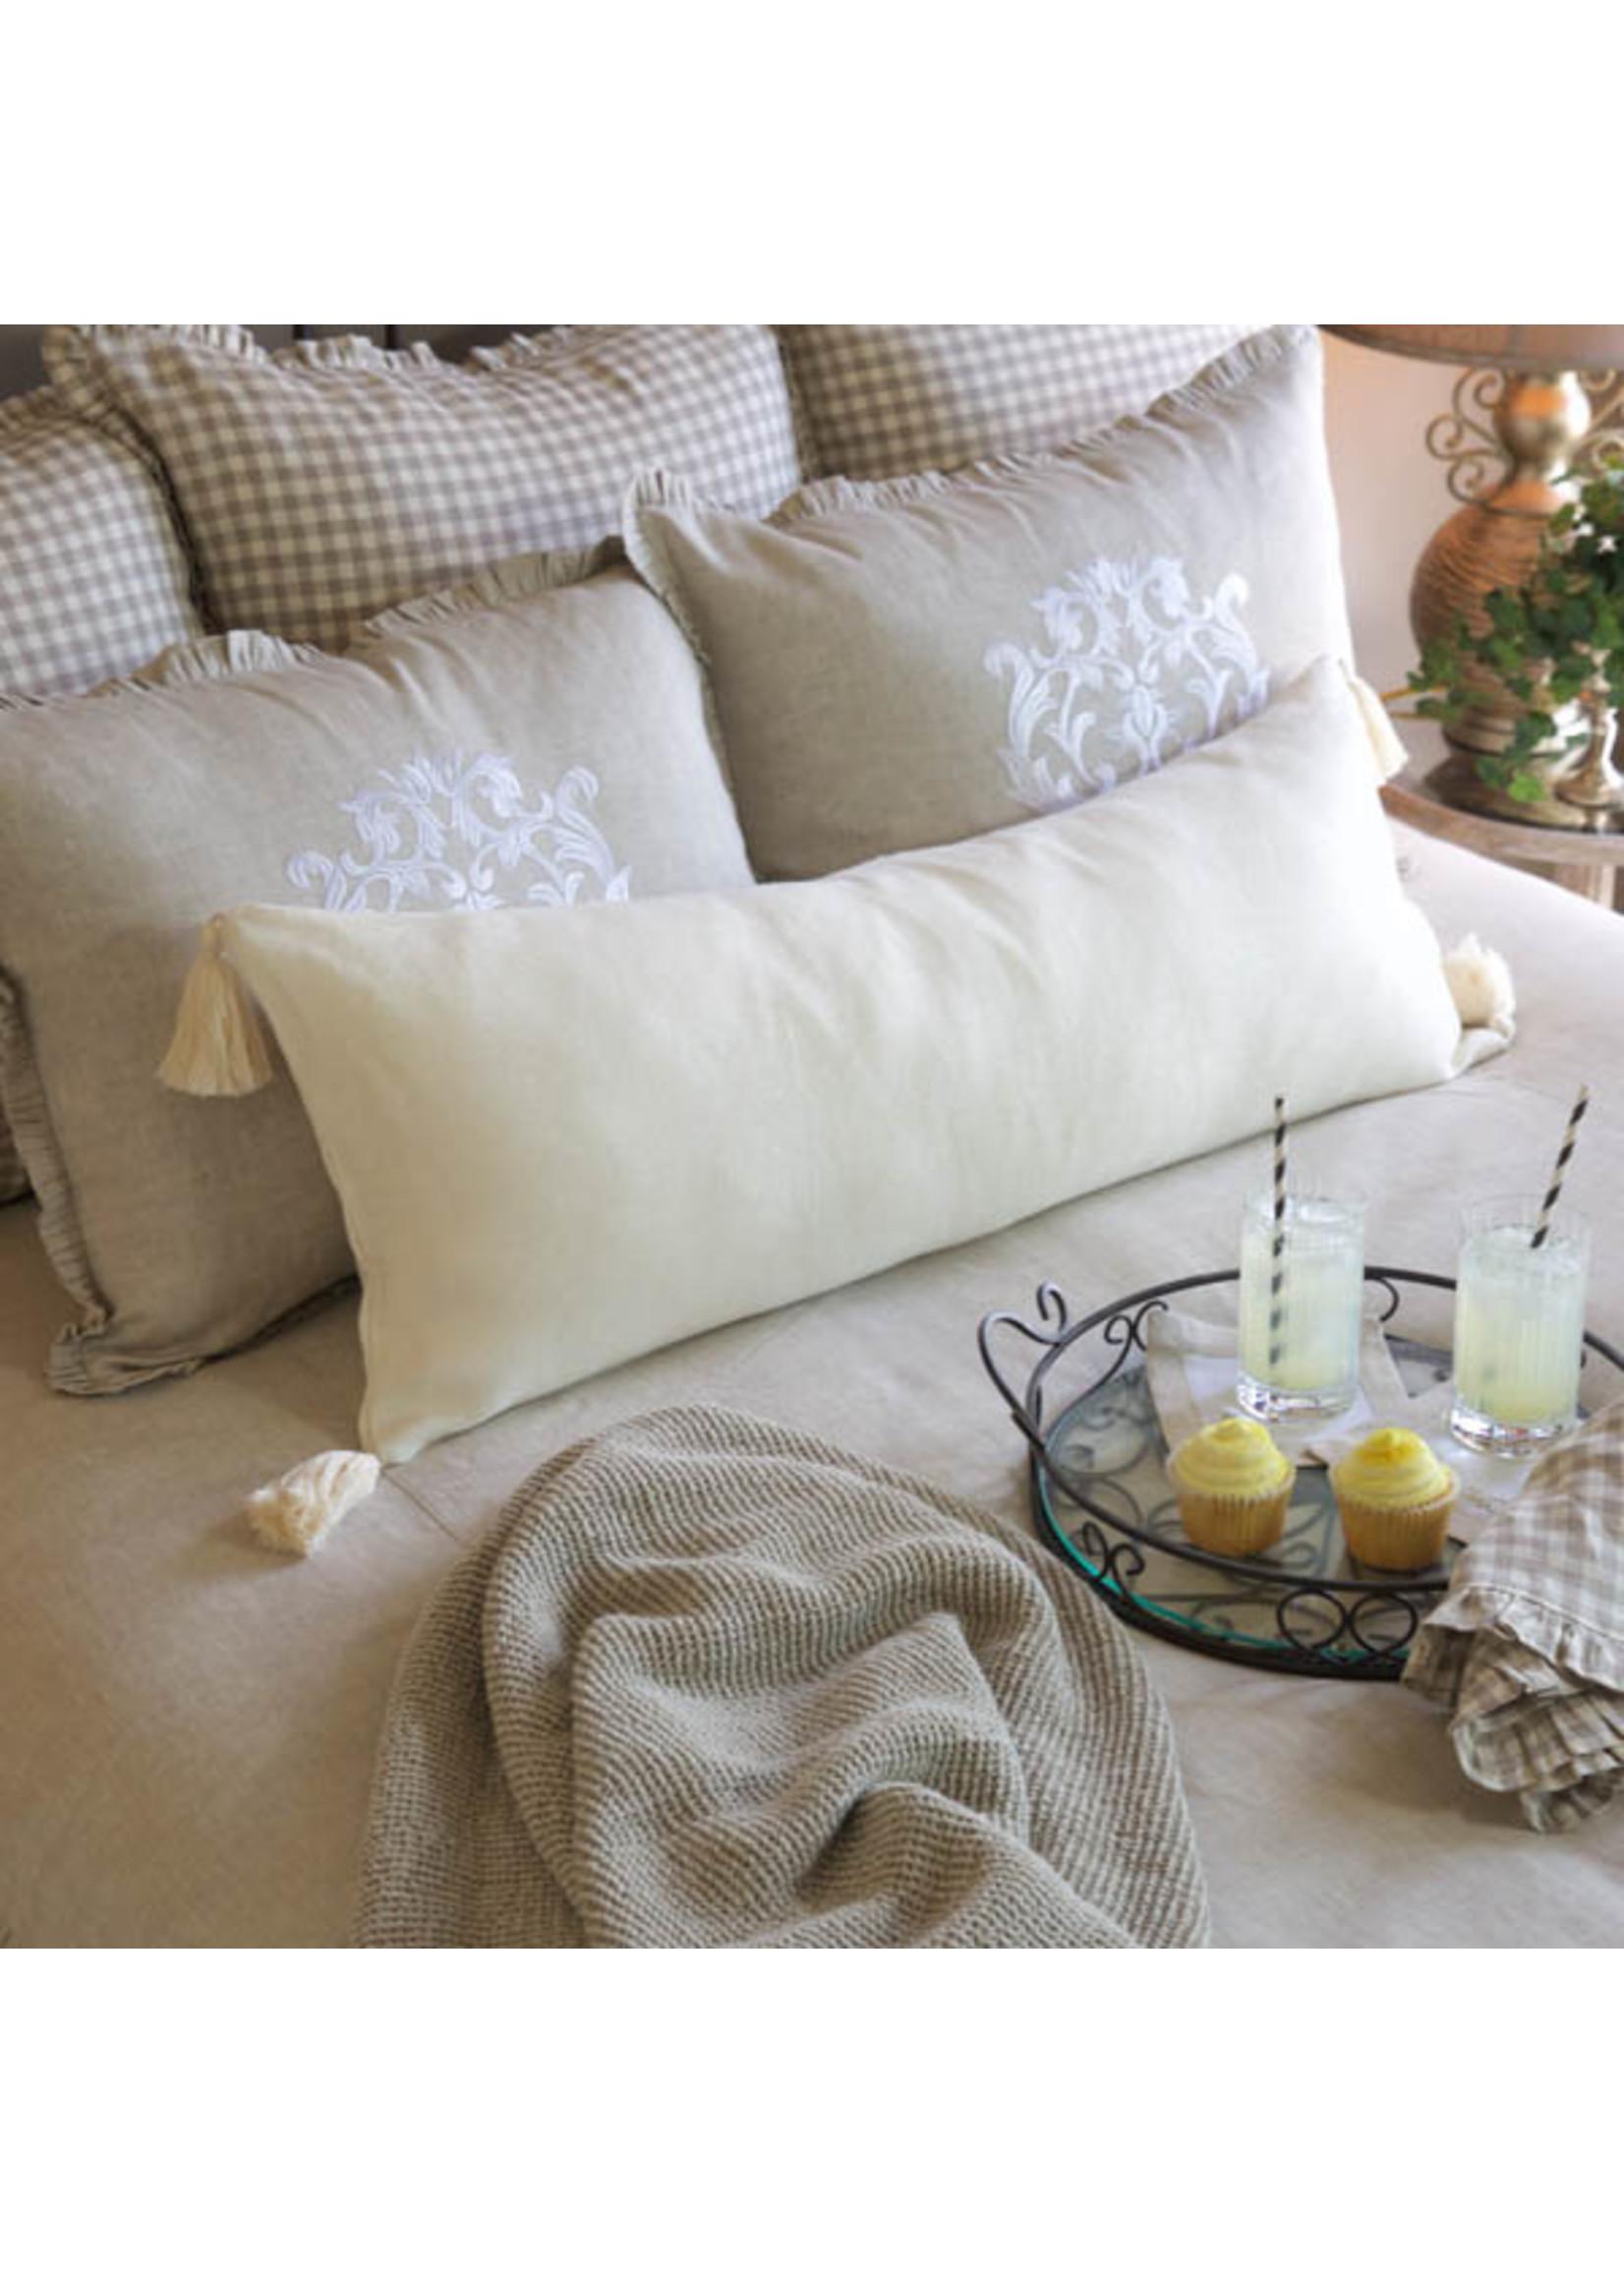 Crown Linen Lumbar Pillow - Linen Cream Tassel - 14x34